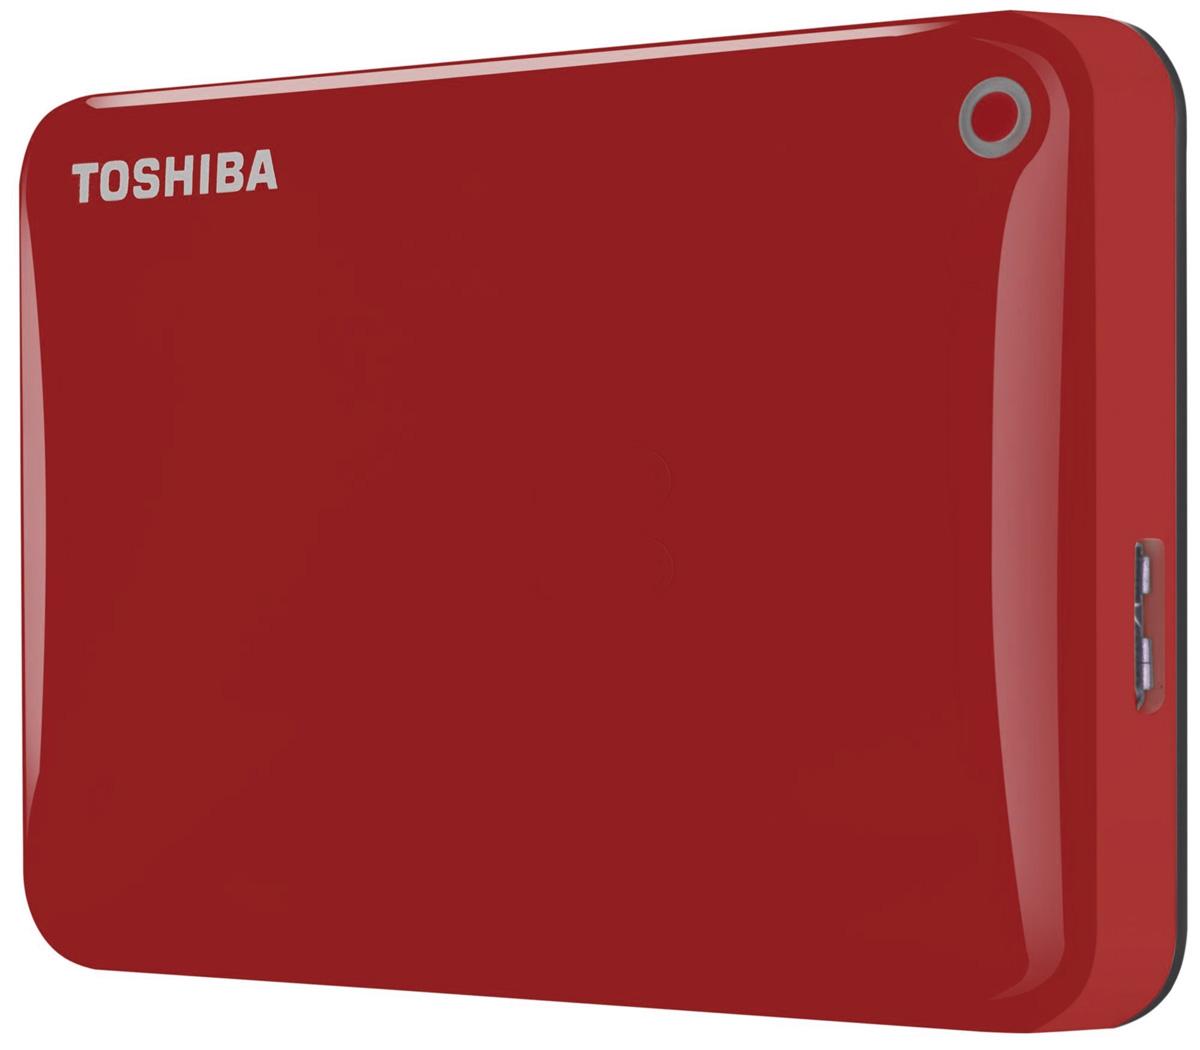 Toshiba Canvio Connect II 500GB, Red внешний жесткий диск (HDTC805ER3AA)HDTC805ER3AAToshiba Canvio Connect II дает вам возможность быстро передавать файлы с интерфейсом USB 3.0 и хранить большое количество данных на внешнем жестком диске. Устройство полностью готово для работы с Microsoft Windows и не требует установки программного обеспечения, так что ничего не может быть удобнее для хранения всех ваших любимых файлов. В офисе или в дороге его классический дизайн будет всегда уместен. Более того, Toshiba Canvio Connect II позволяет подключаться также и к оборудованию с совместимостью USB 2.0.Этот внешний накопитель обеспечивает доступ к вашим файлам практически из любого места и с любого устройства. Toshiba Canvio Connect II может легко превратить ваш компьютер в облачный сервер благодаря предустановленному ПО для удаленного доступа (накопитель должен быть подключен к компьютеру и Wi-Fi). Помимо удаленного доступа это устройство предоставляет своему владельцу 10 ГБ дополнительного места в облачном сервисе. Программное обеспечение NTI Backup Now EZ обеспечивает удобное и надежное создание резервных копий и восстановление всех ваших папок, файлов и операционной системы.Canvio Connect II оборудован датчиком ударов, сигнал которого переводит головку жесткого диска в безопасное положение, за счет чего снижается риск повреждения носителя и потери данных при падении накопителя. Накопитель имеет уже установленный драйвер NTFS для Mac, поэтому вам не придется волноваться из-за типа вашего компьютера - просто подключите Canvio Connect II и получите доступ к вашим файлам.